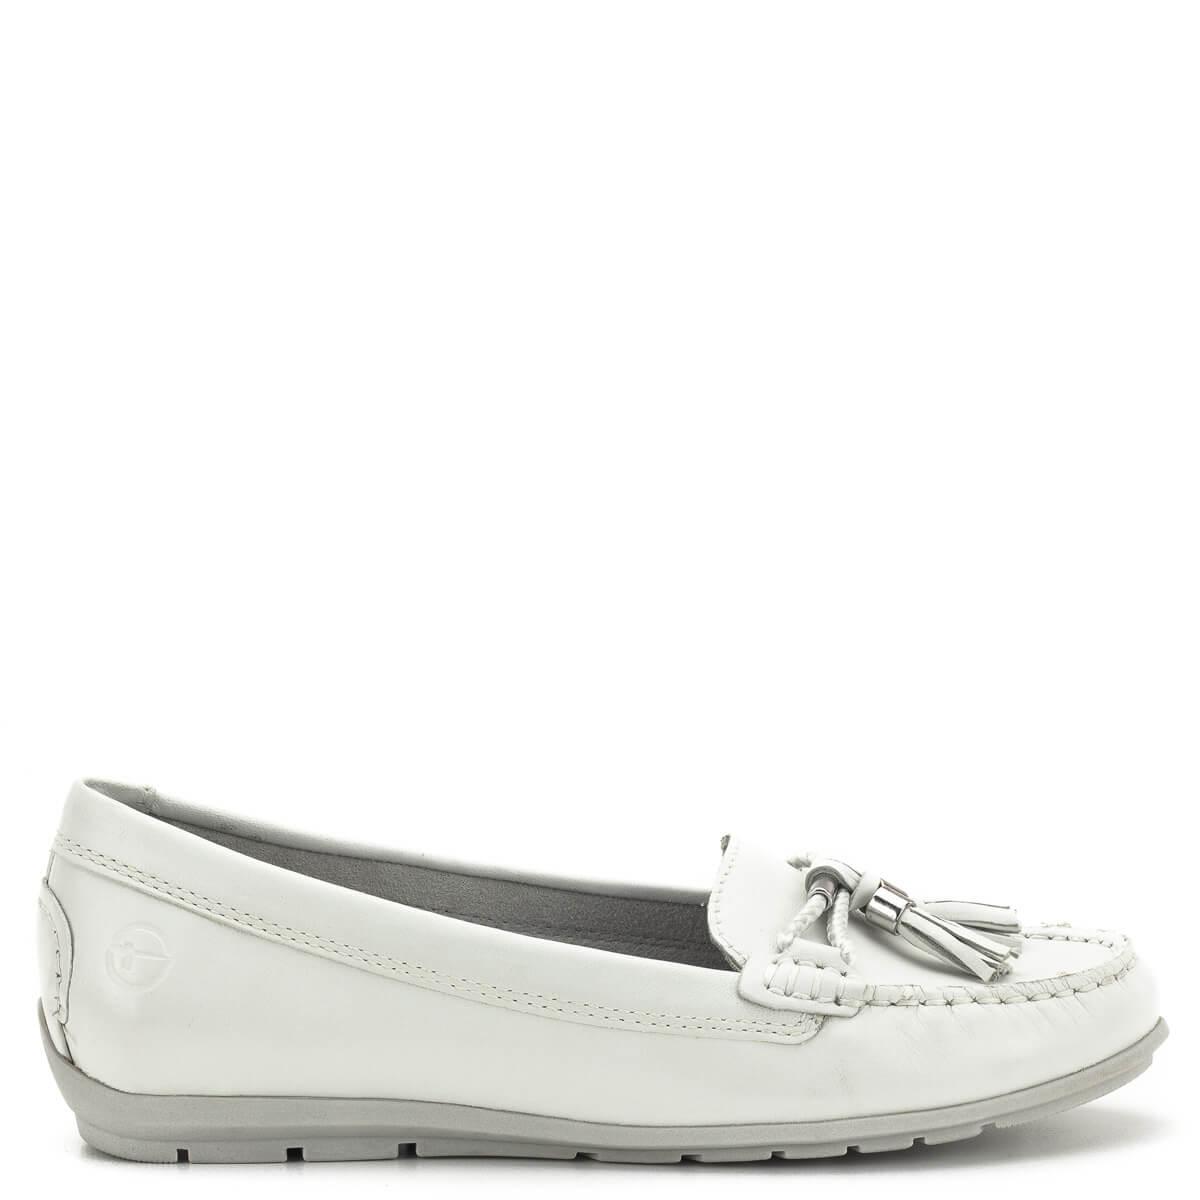 Tamaris cipő - Fehér színű Tamaris mokaszin - Tamaris 1-24602-22 117 b56b928f1a